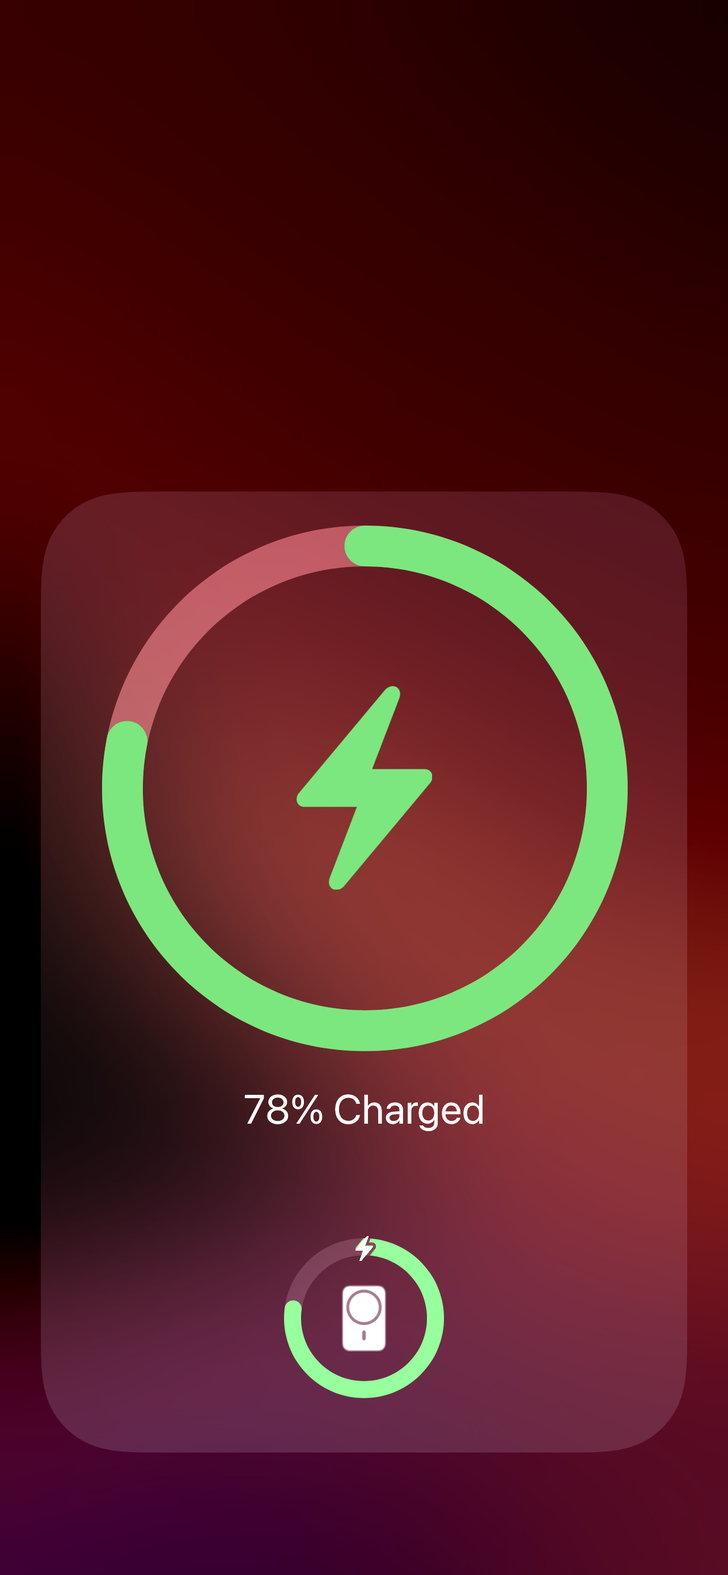 Reverse charging ก็จะขึ้นแบบนี้